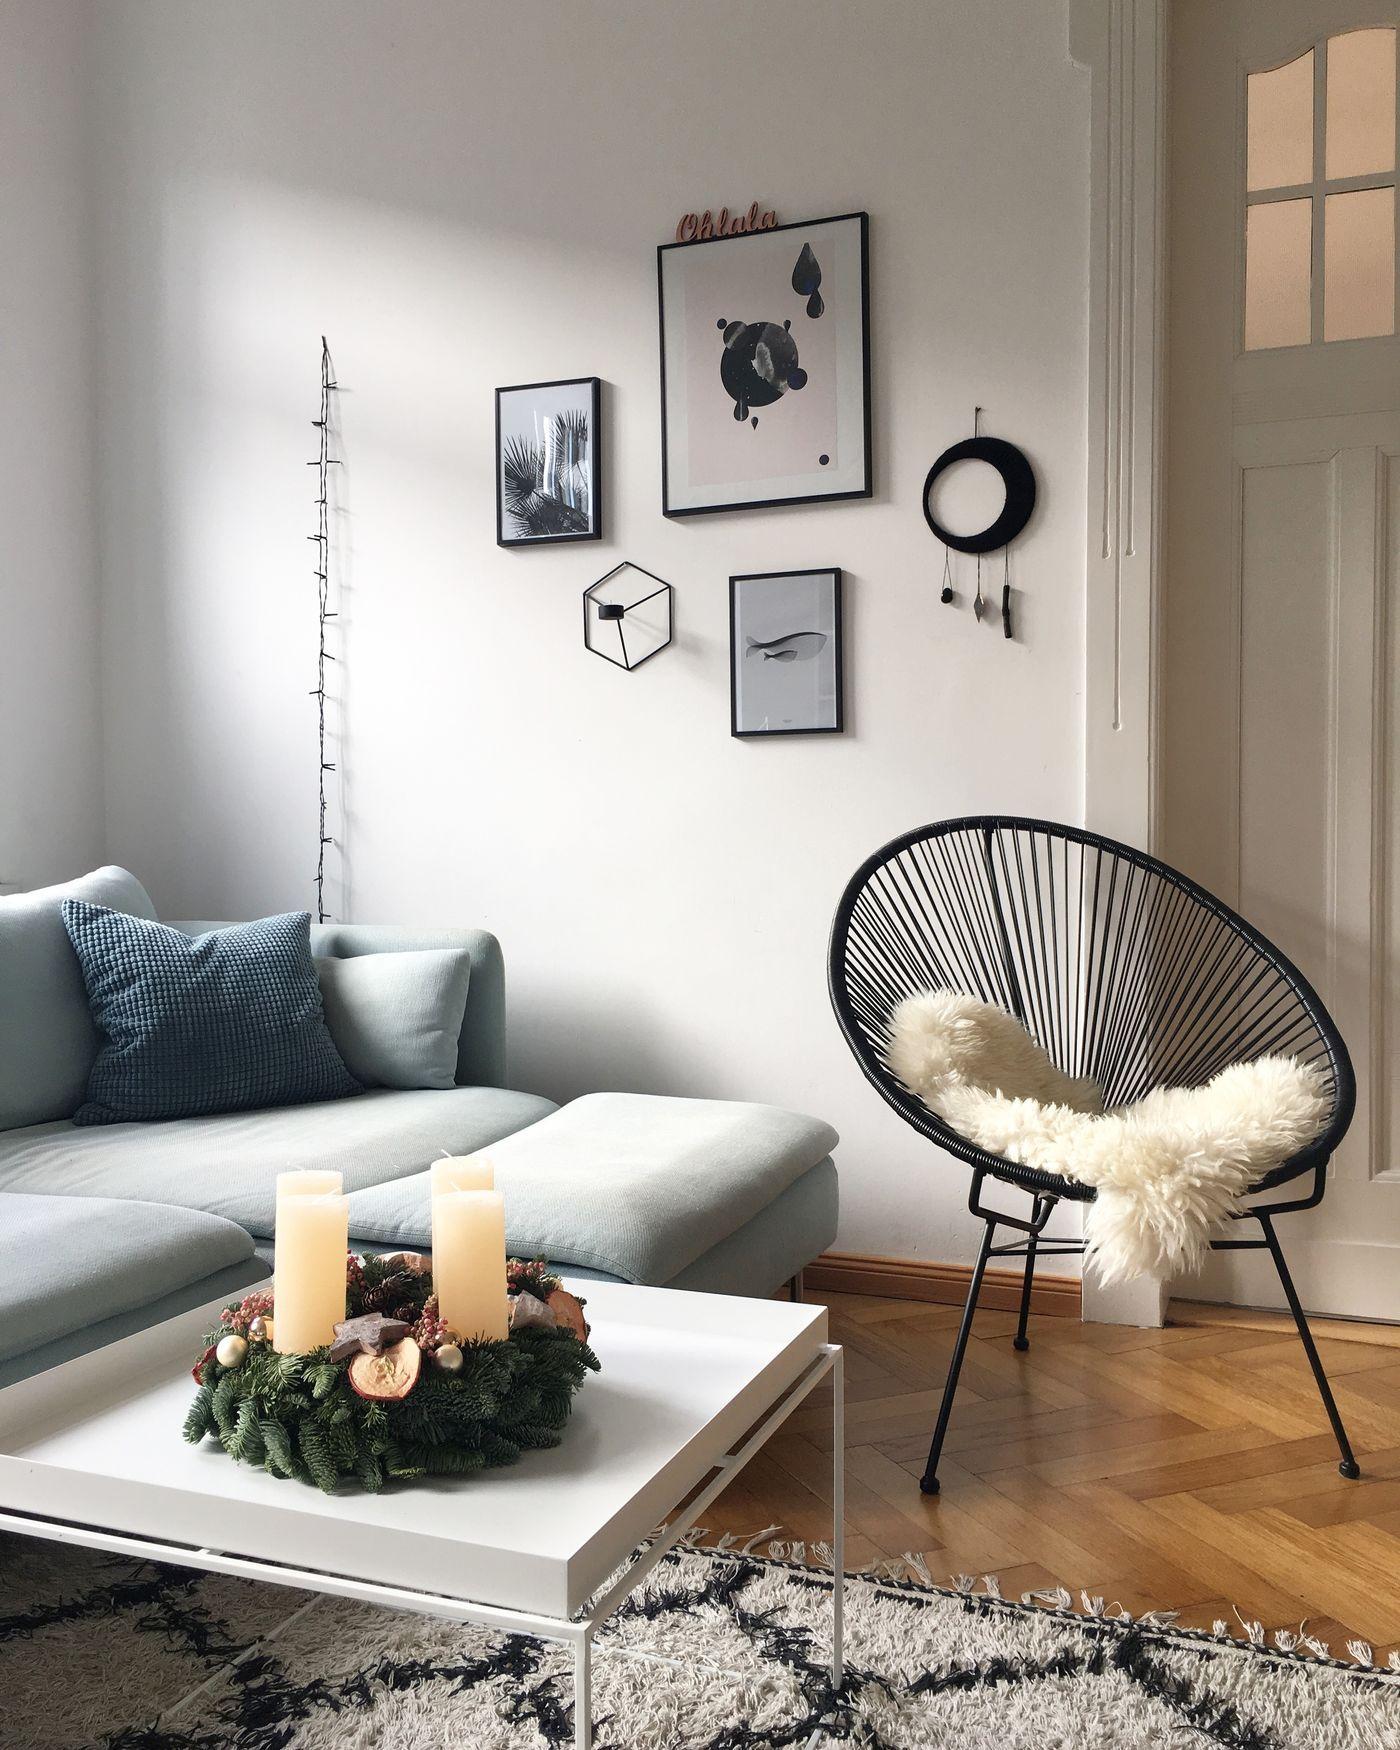 die besten ideen f r deinen adventskranz seite 10. Black Bedroom Furniture Sets. Home Design Ideas